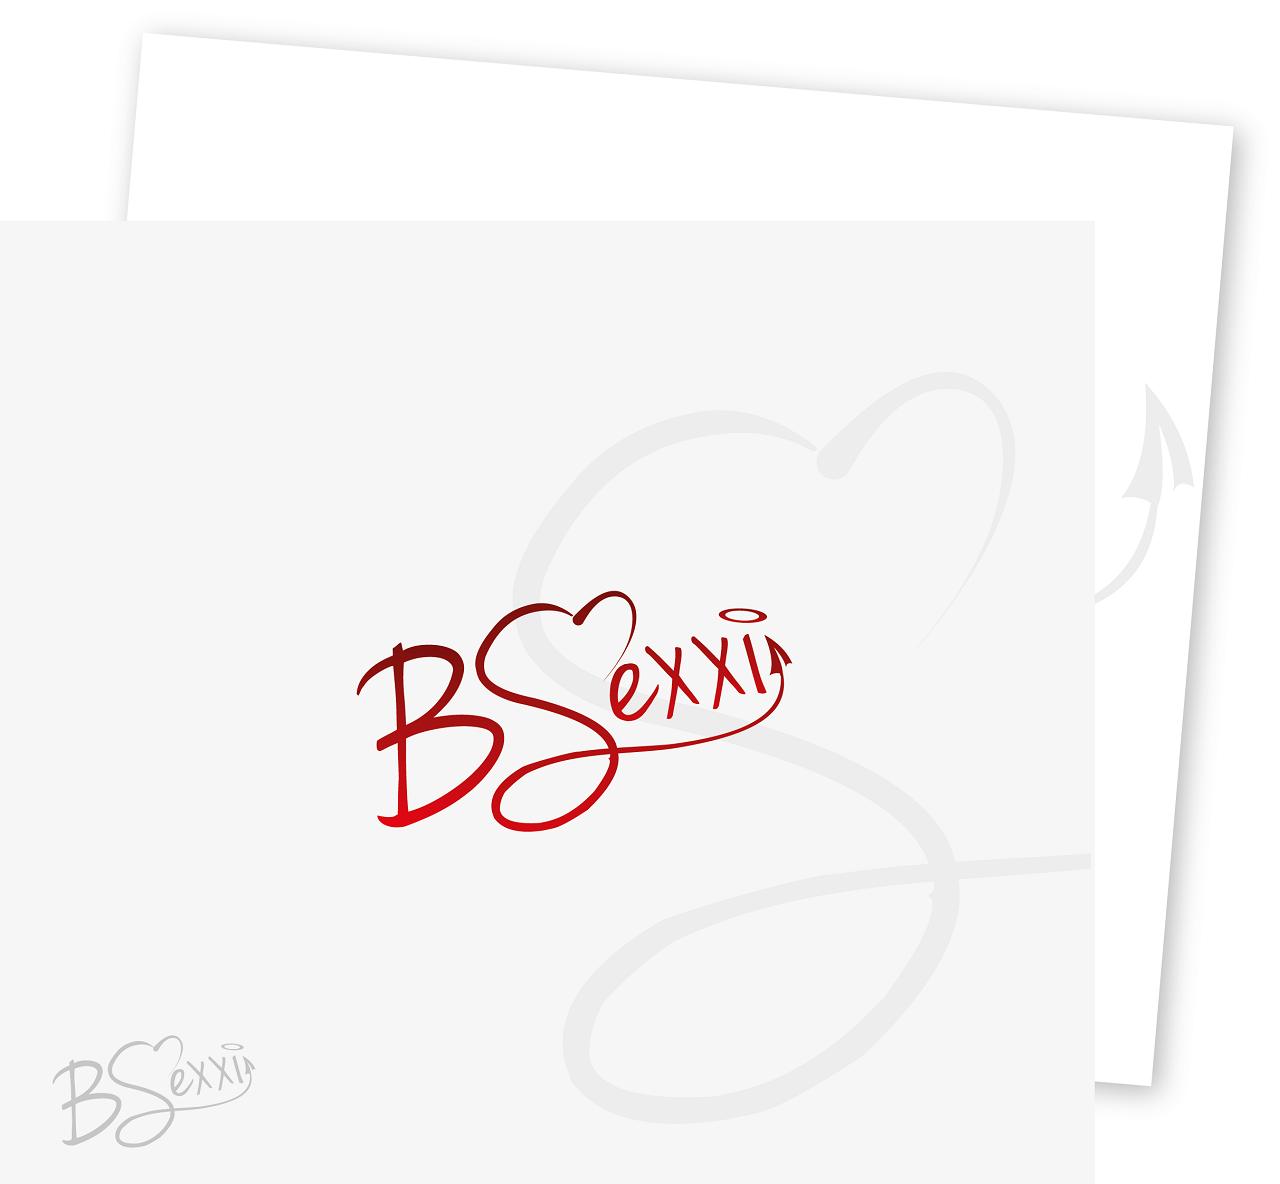 Bsexxi needs a new logo